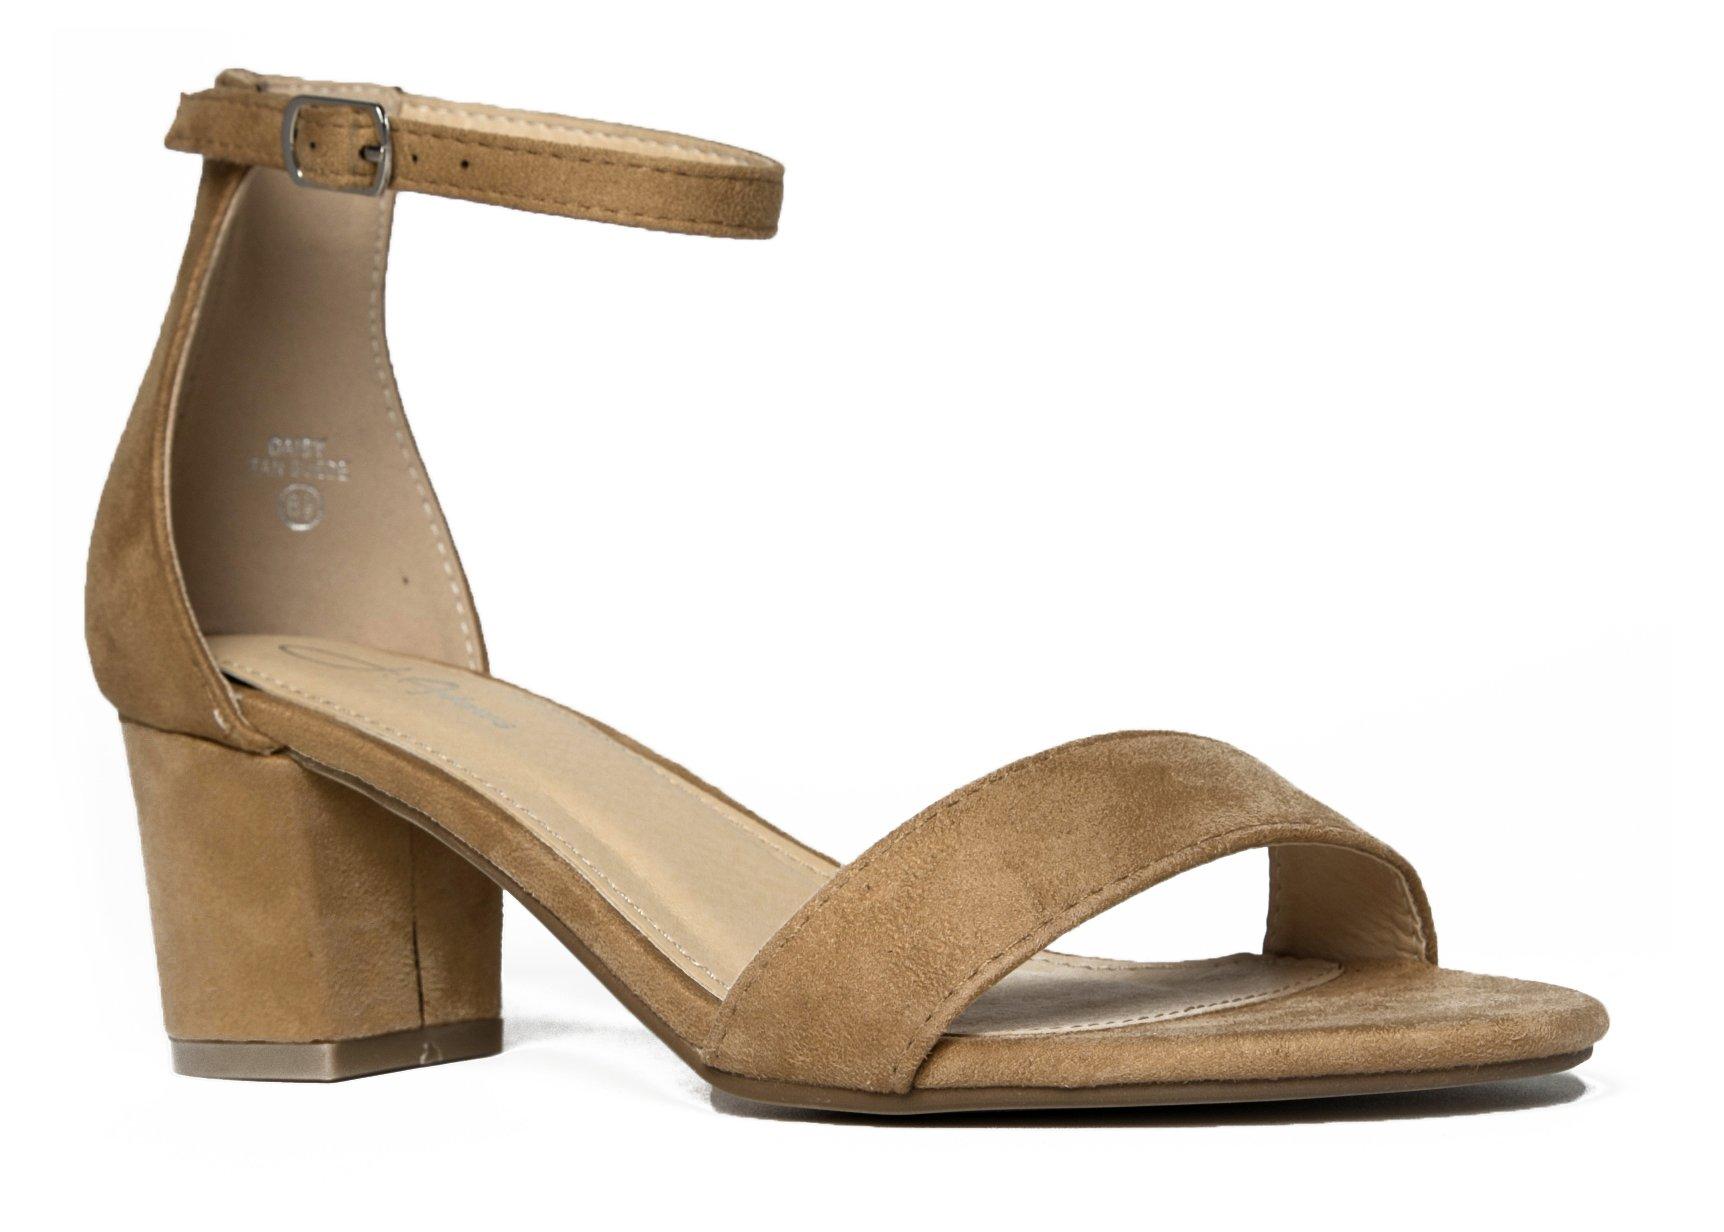 J. Adams Daisy Clear Ankle Strap Heel